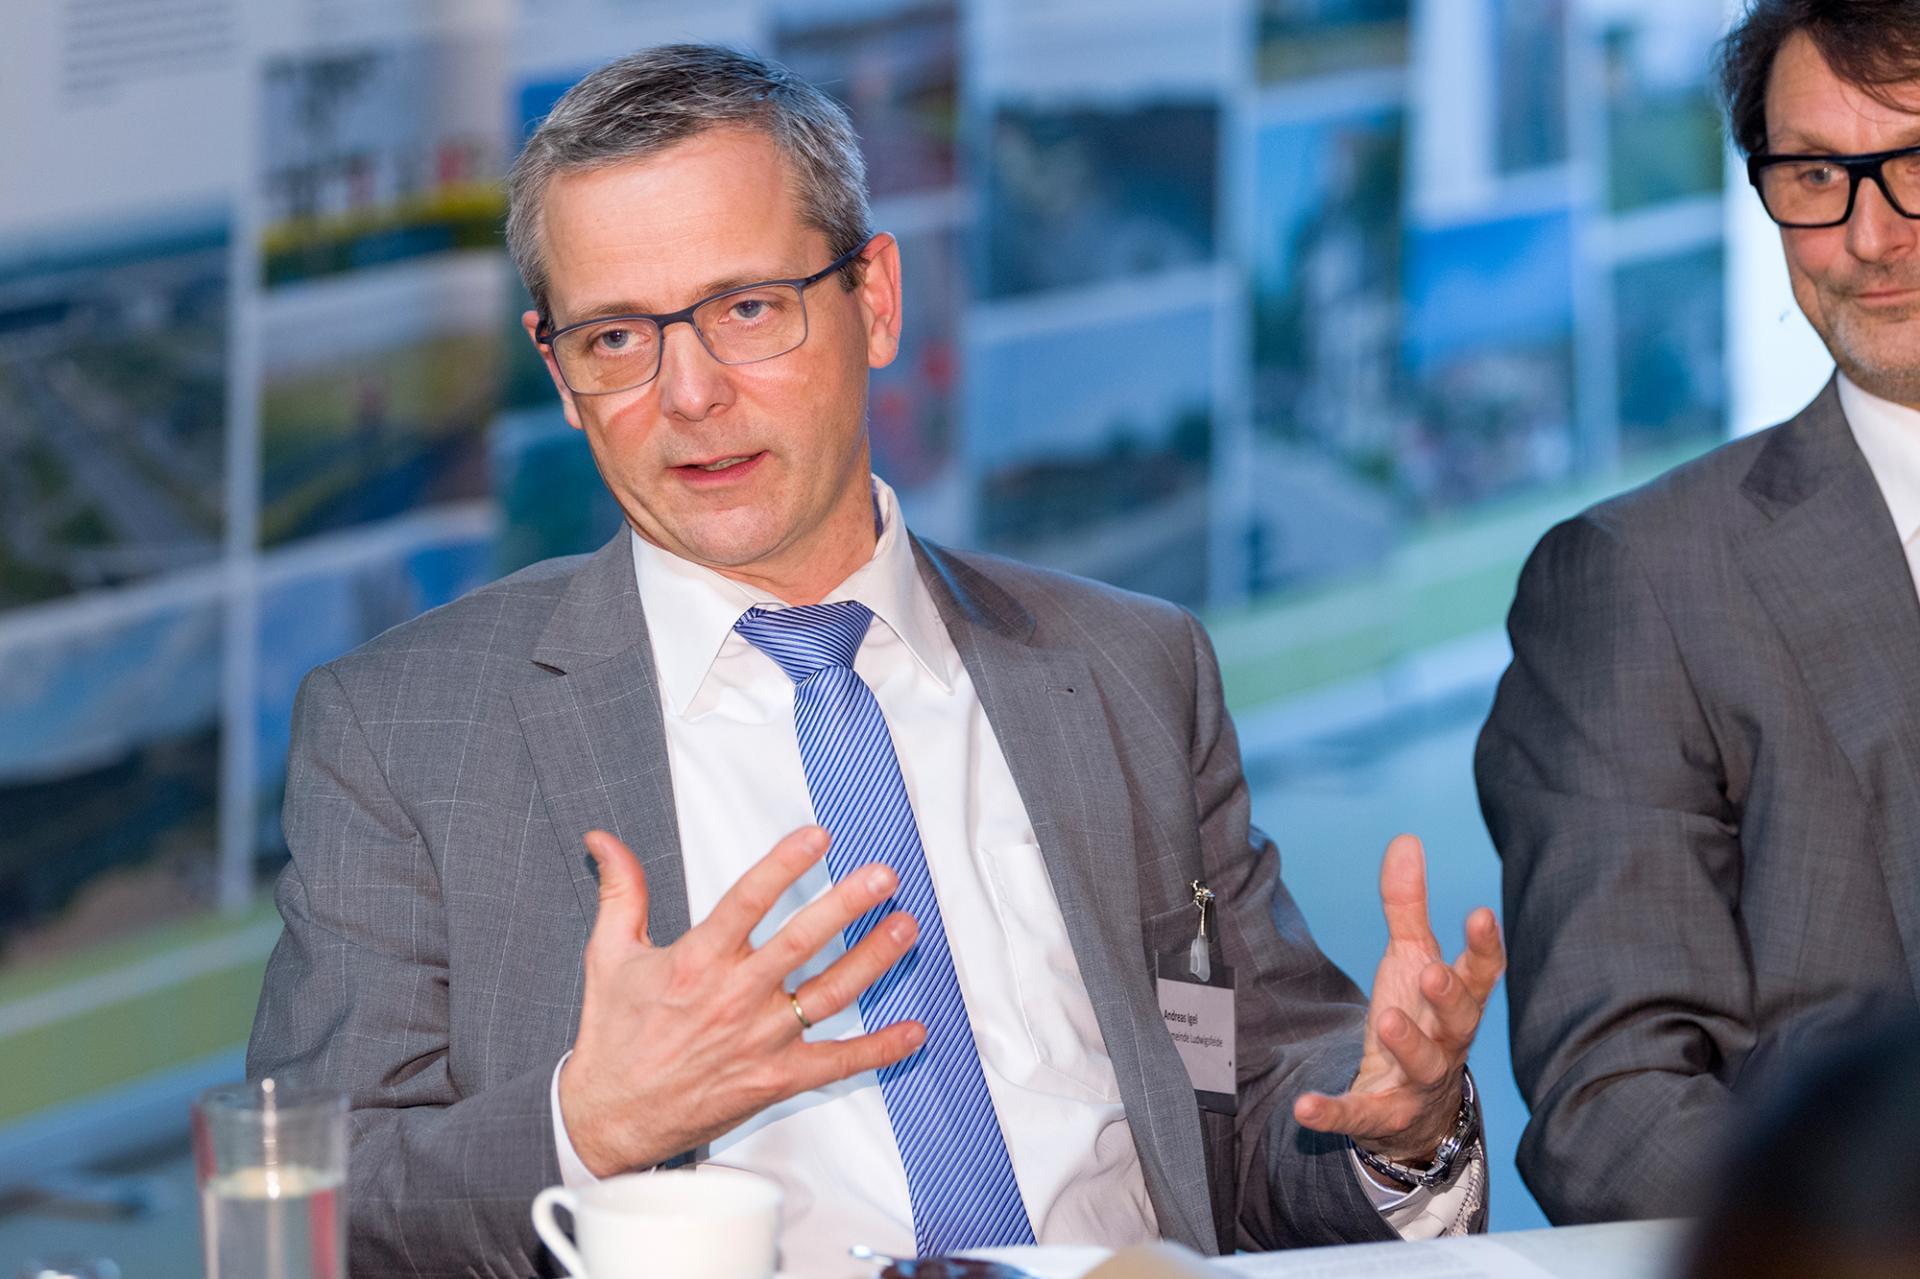 Andreas Igel, stellvertretender Vorsitzender des Dialogforums, Leiter der AG 3 Kommu-nale und interkommunale Entwicklung im Dialogforum und Bürgermeister der Stadt Ludwigsfelde